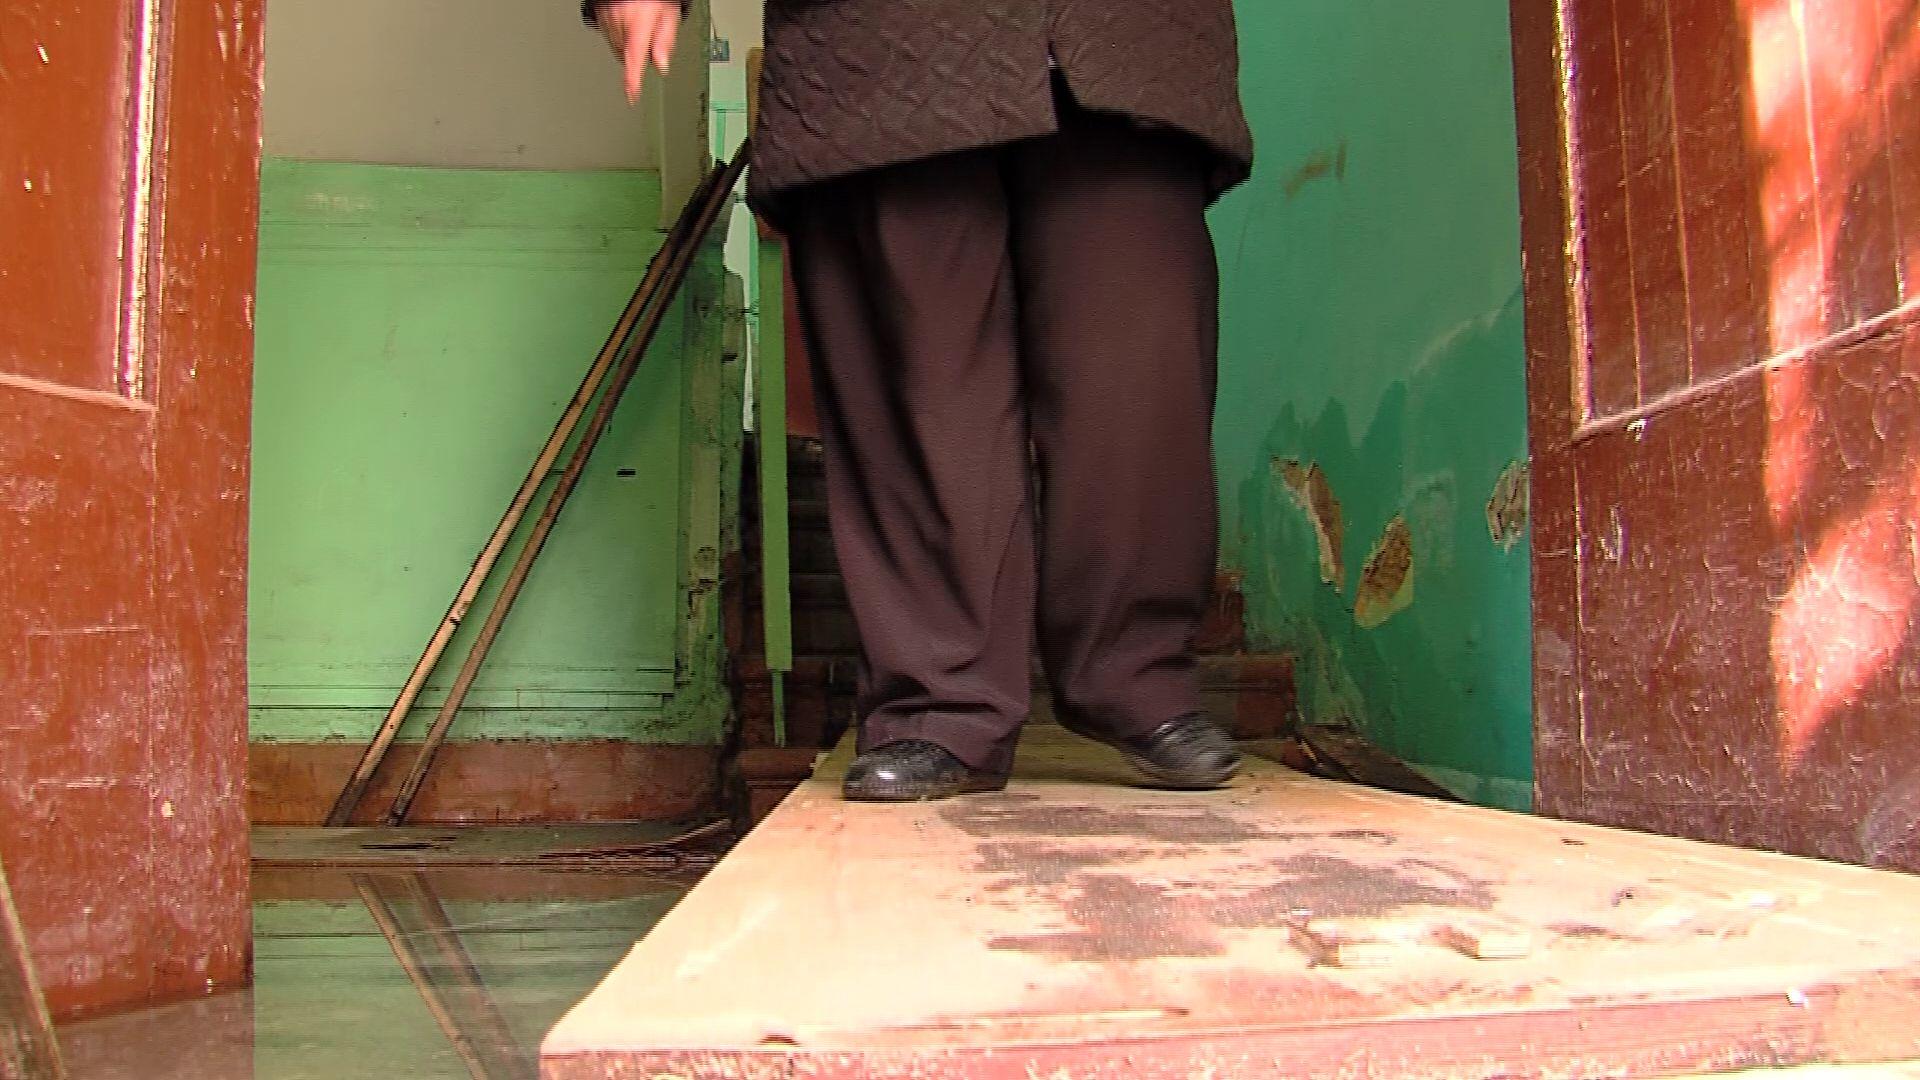 Сырость и плесень: в одном из домов на Автозаводской в подъездах и подвалах стоит вода